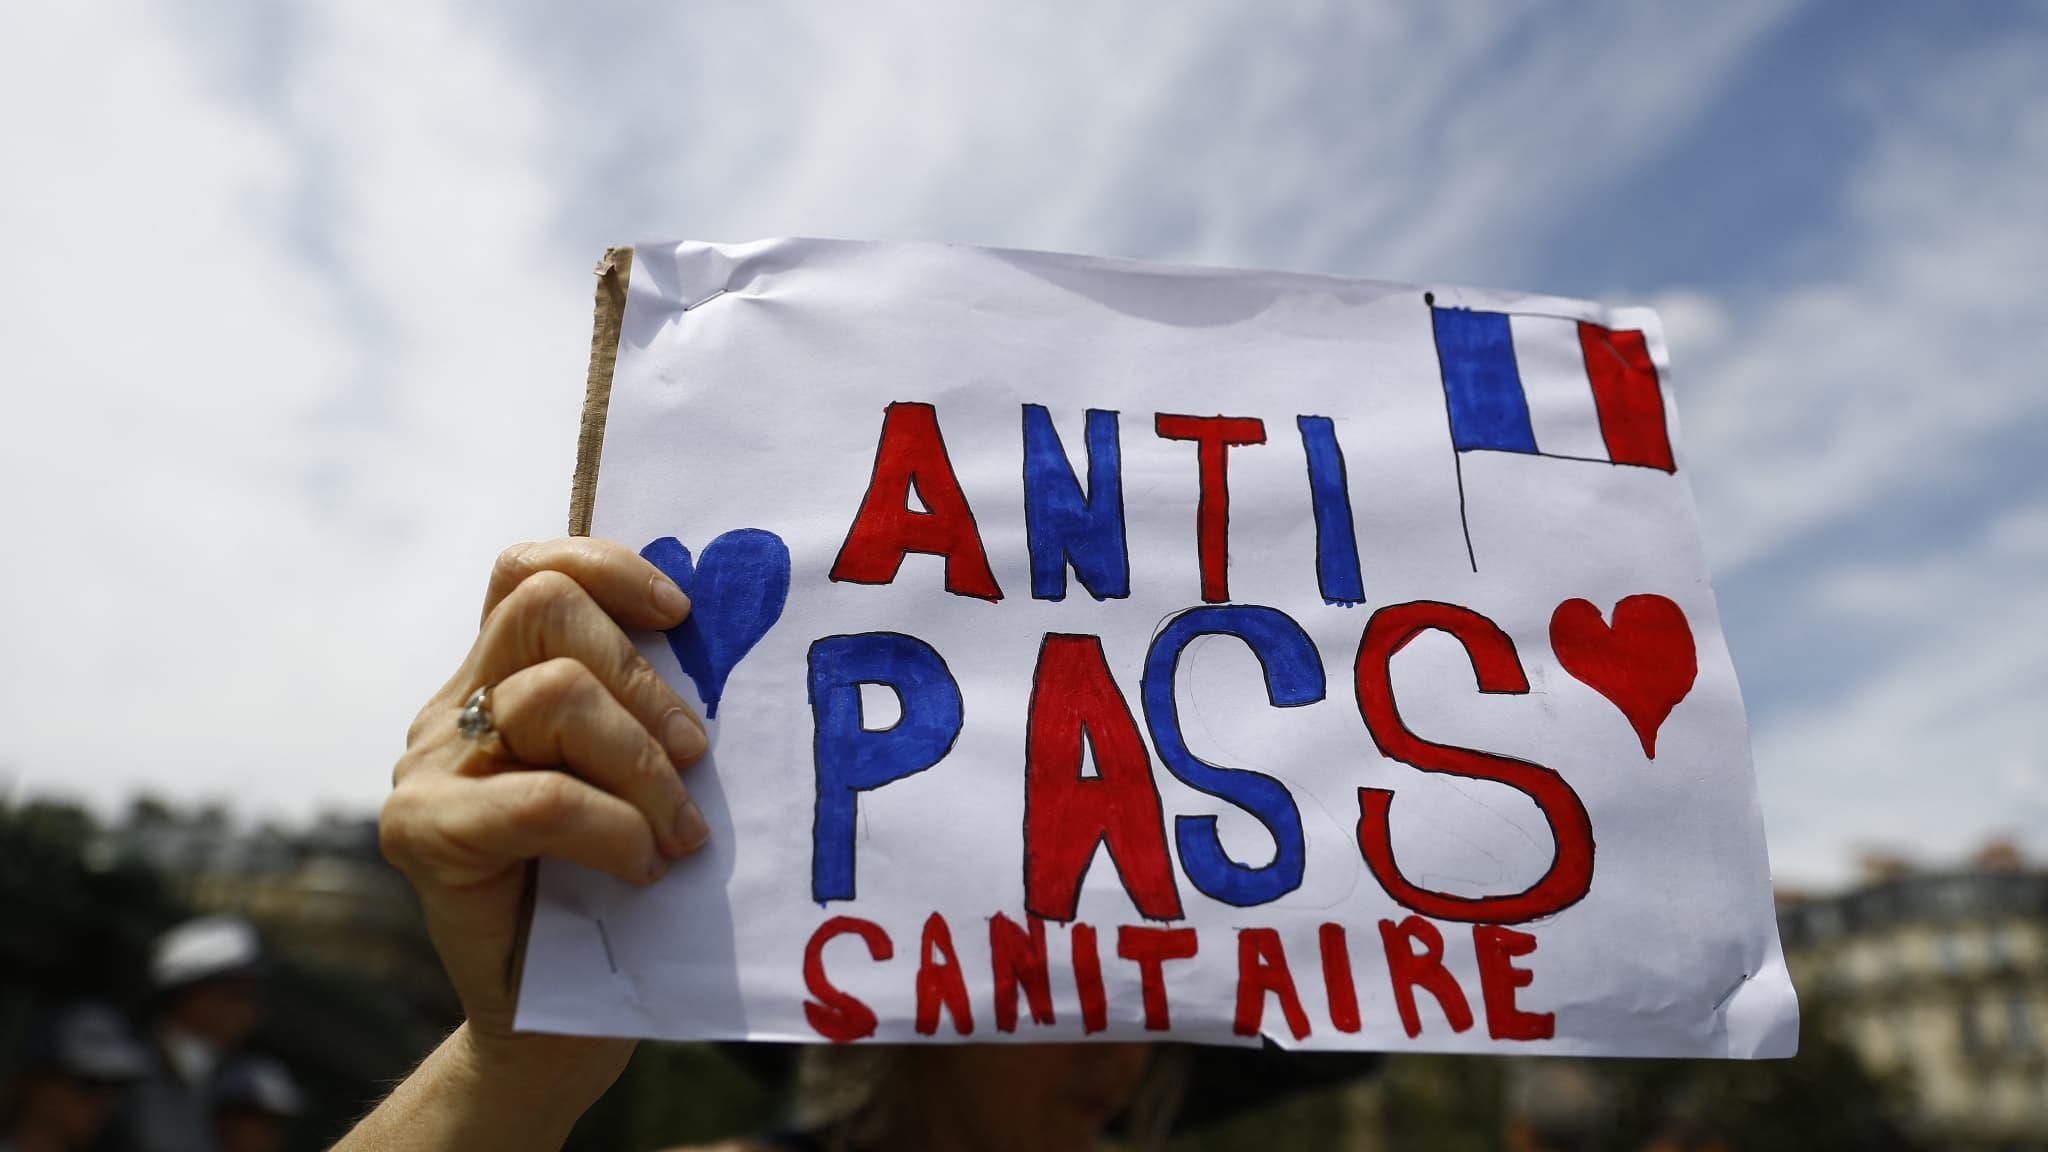 Anti-pass sanitaire: une note des renseignements compare leur mobilisation à celle des gilets jaunes